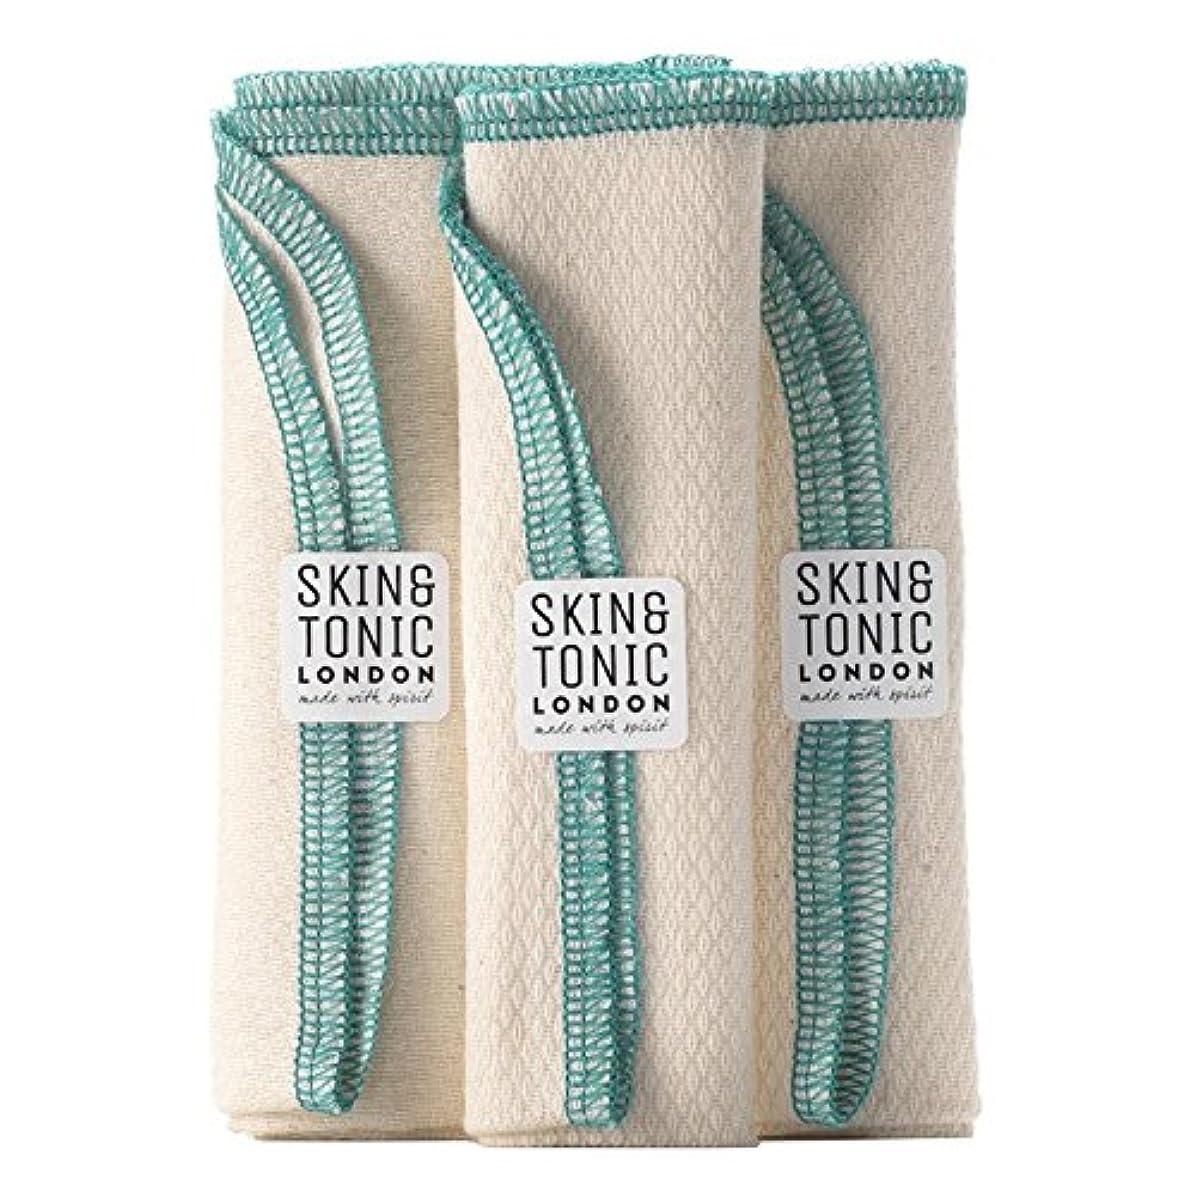 漁師忌み嫌う証拠Skin & Tonic London Organic Cotton Cloth - スキン&トニックロンドンオーガニックコットン生地 [並行輸入品]